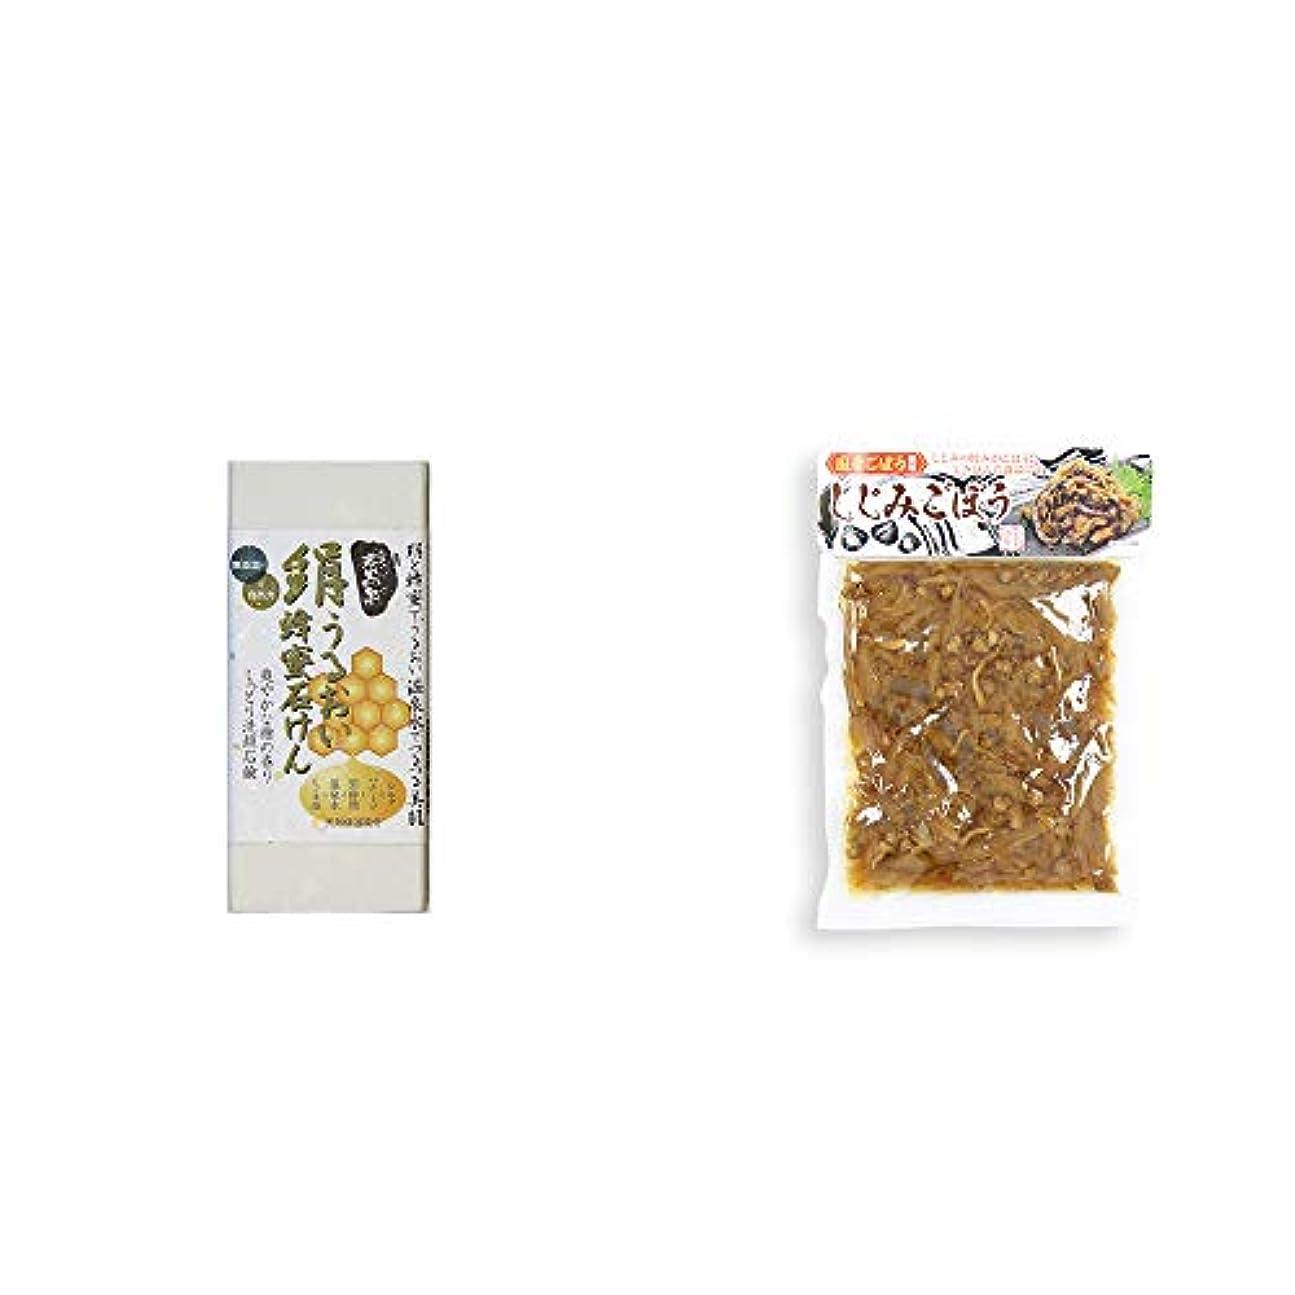 教香り接触[2点セット] ひのき炭黒泉 絹うるおい蜂蜜石けん(75g×2)?しじみごぼう(300g)